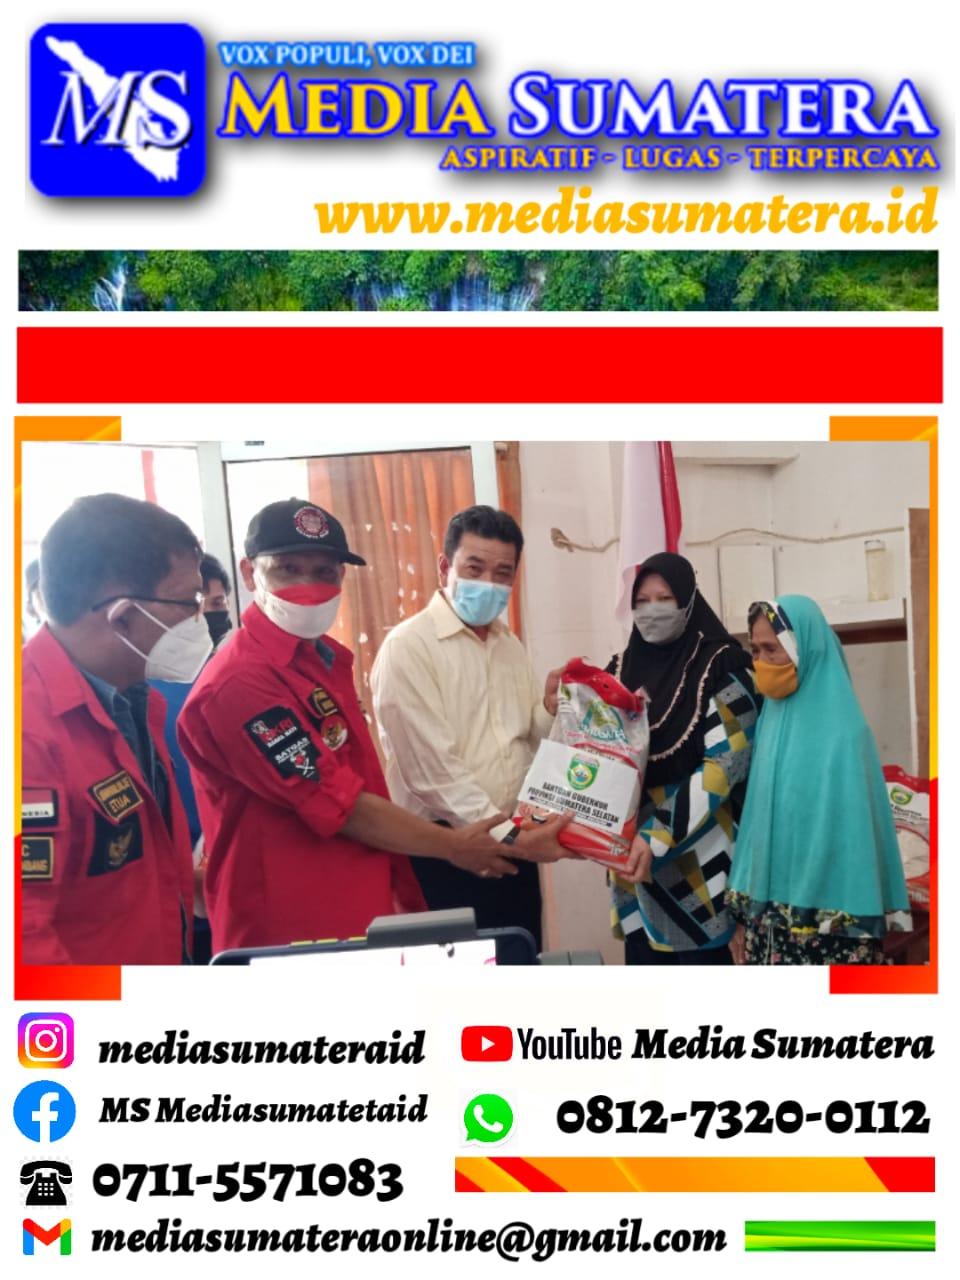 DPD Pemuda Batak Bersatu (PBB) Sumsel Sudah Terima Bantuan Sosial Dari Pemprov Sumsel Untuk Kemudian Di Distribusikan Untuk Masyarakat Terdampak Pandemi Covid-19